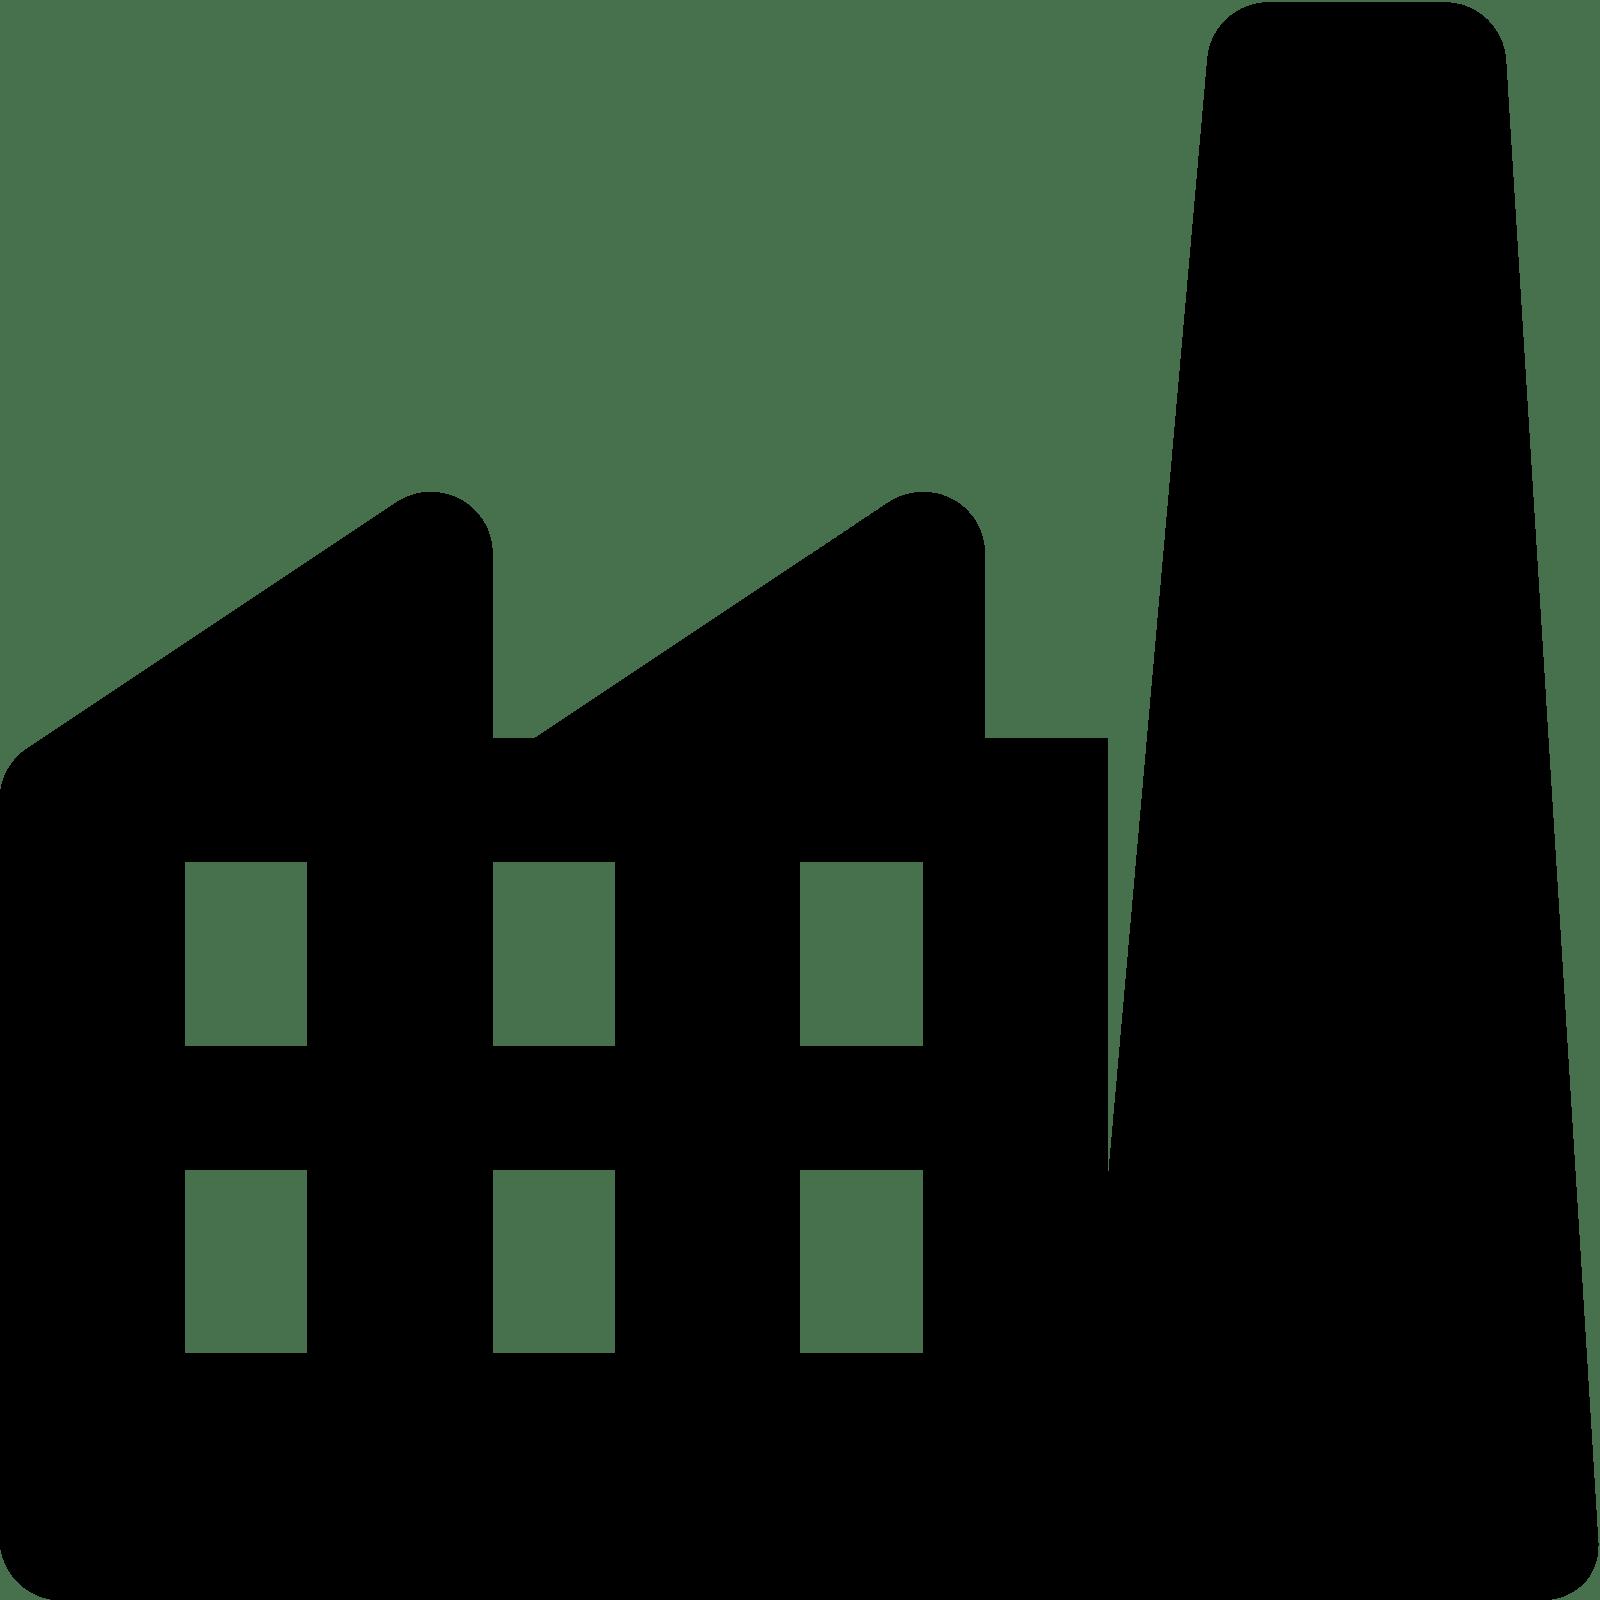 1600x1600 Factory Clipart Transparent Building